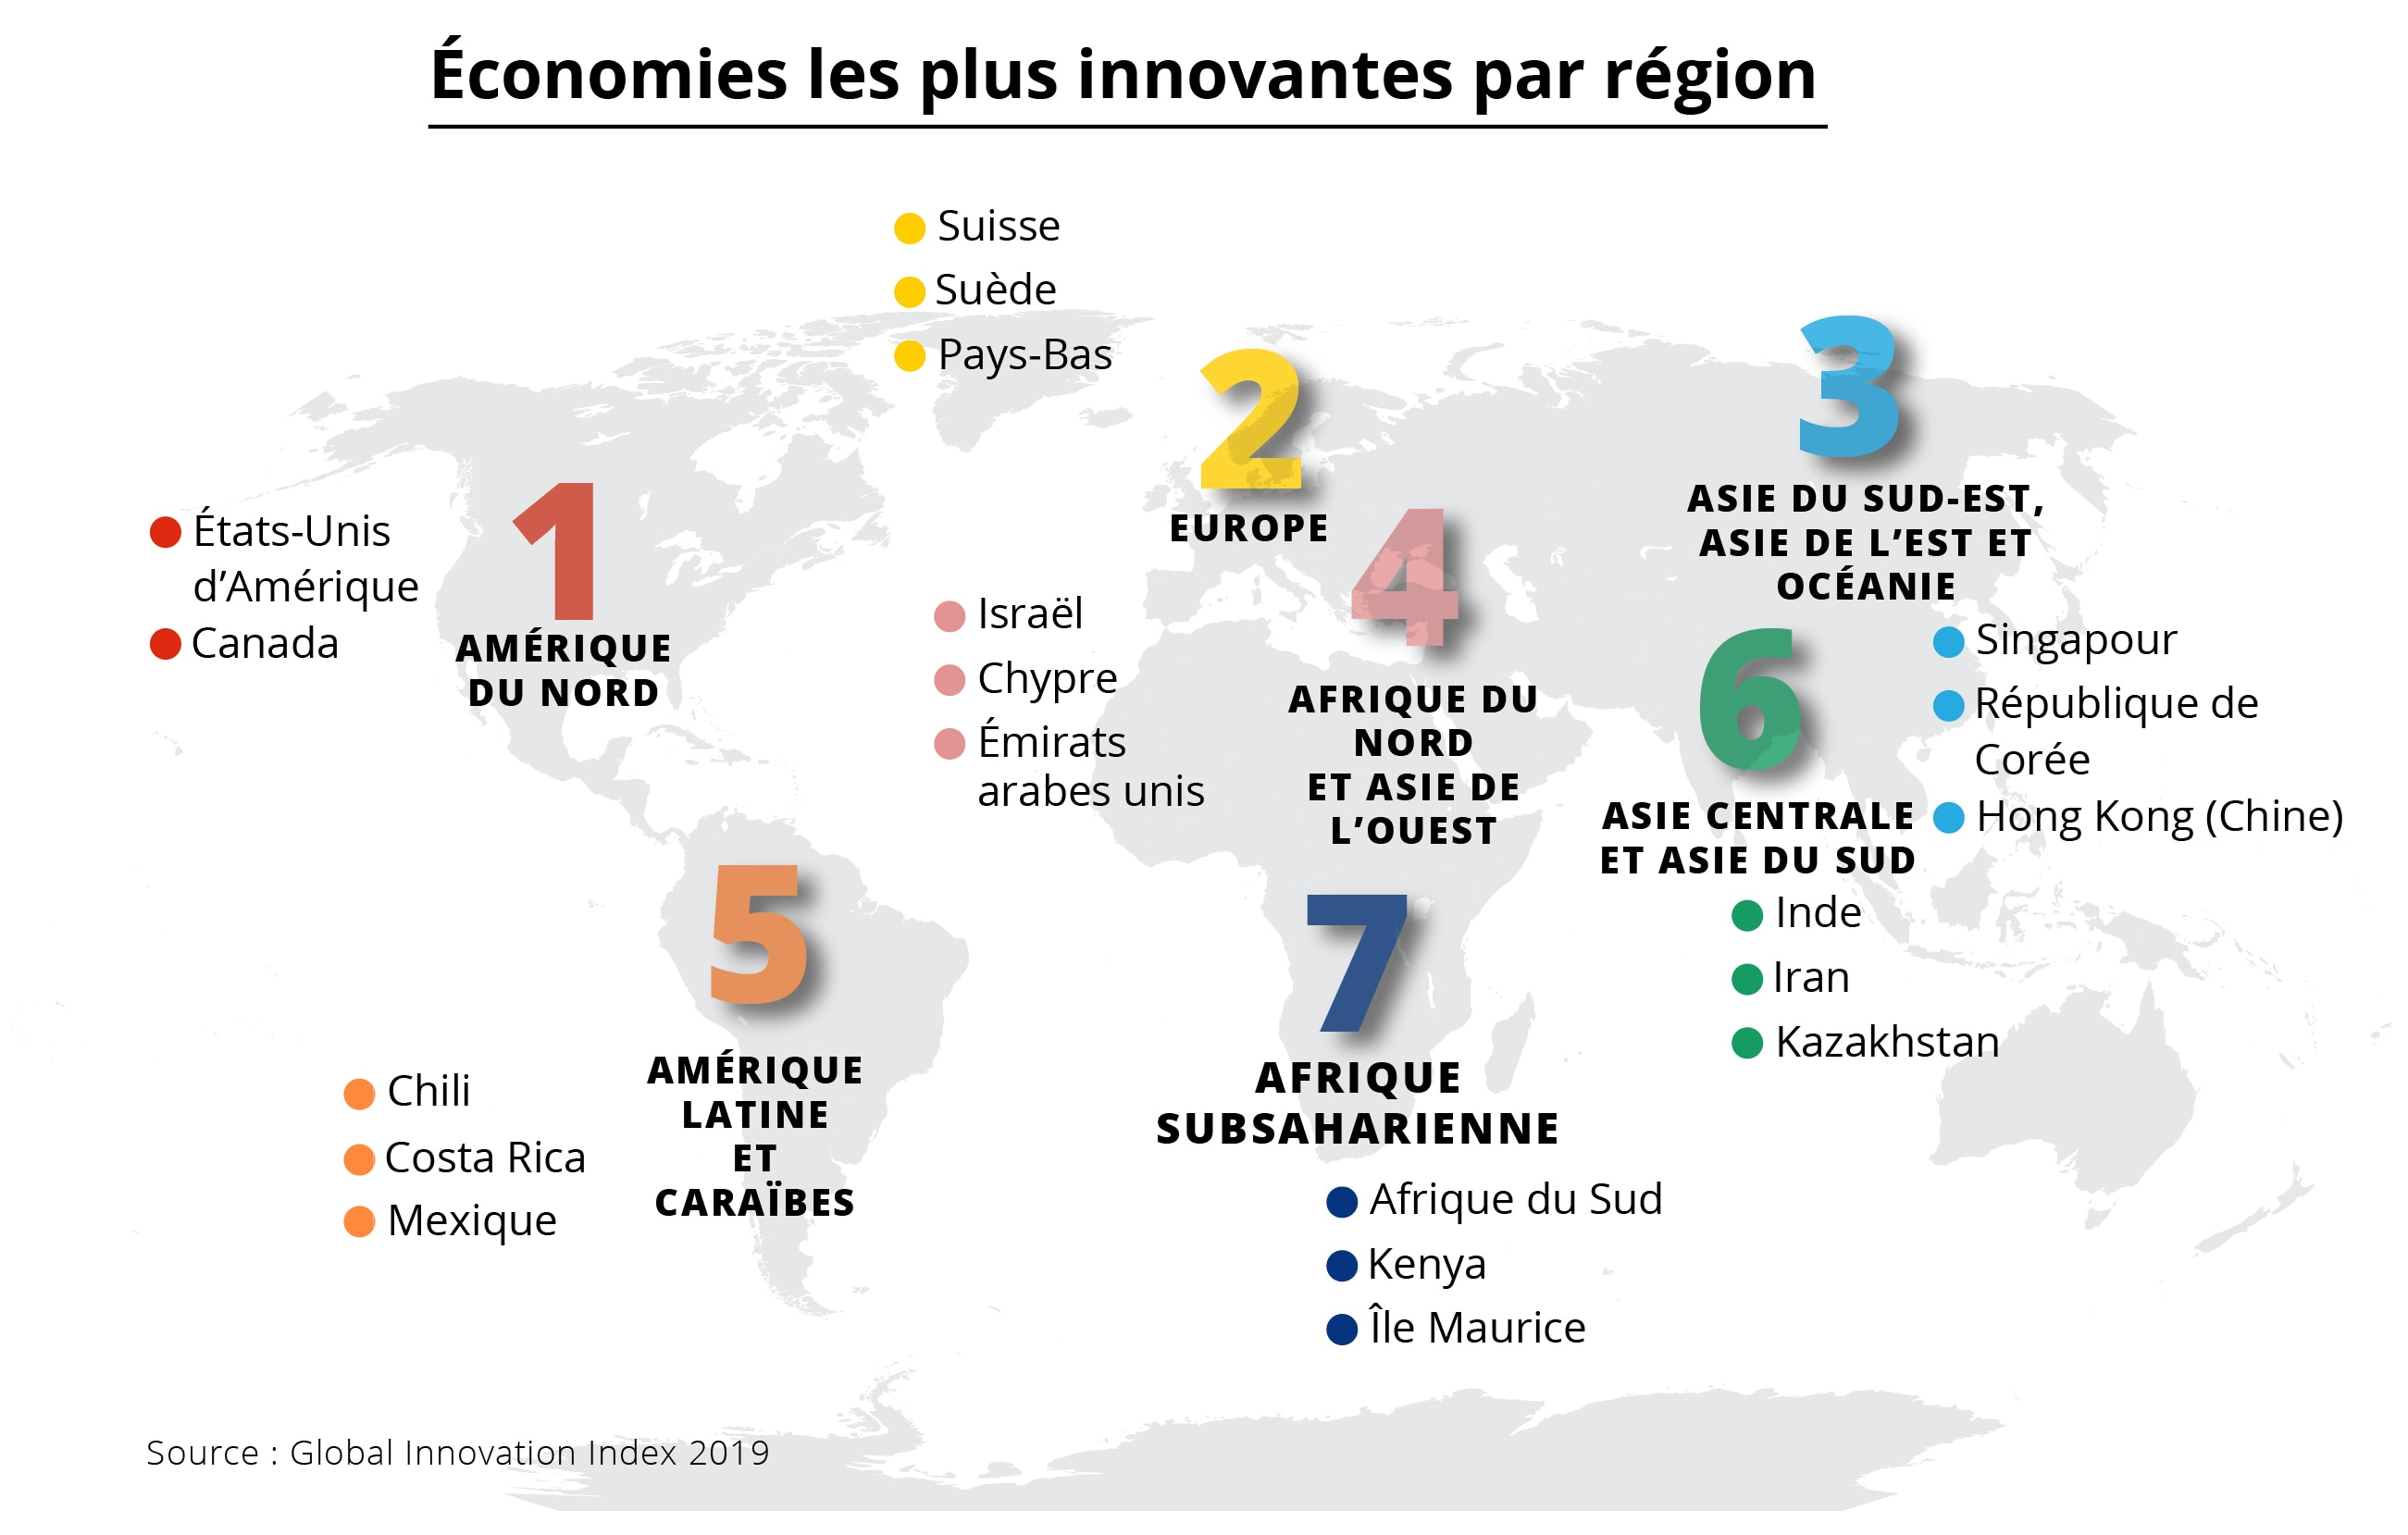 Infographie montrant les économies les plus innovantes par région (Département d'État/S. Gemeny Wilkinson ; Source : Global Innovation Index 2019)